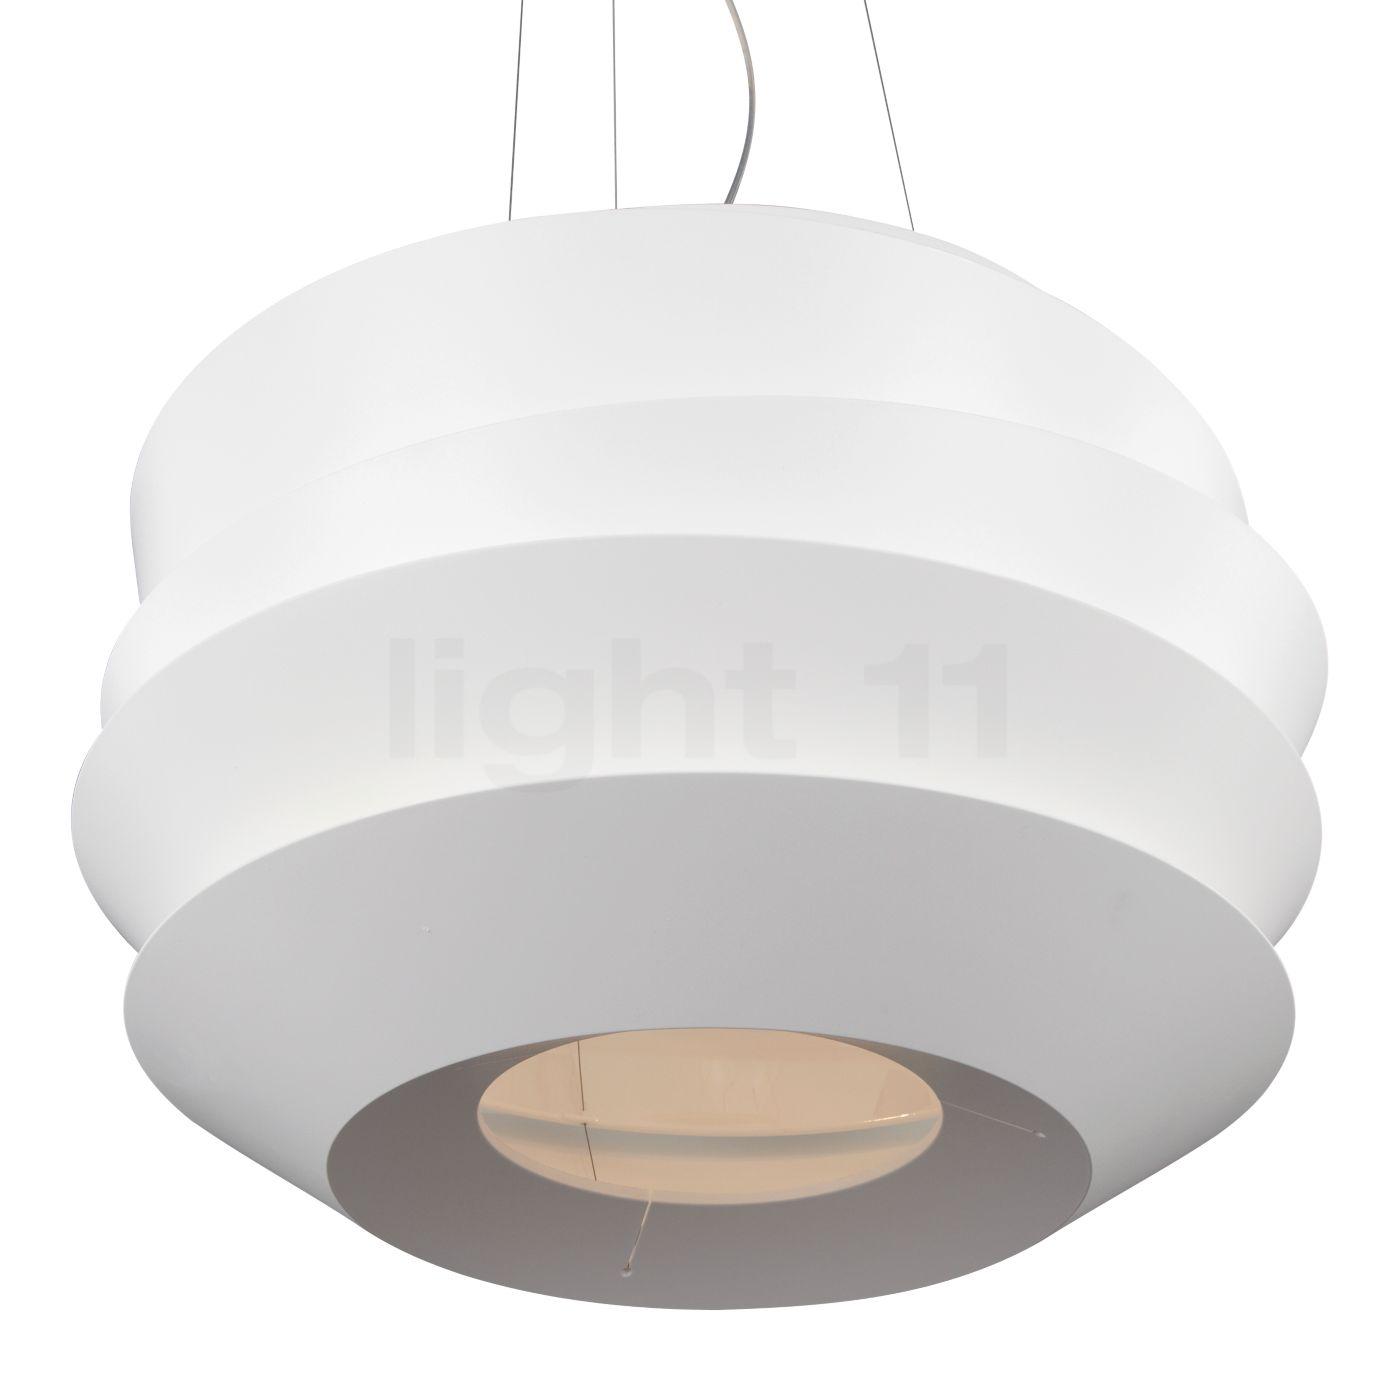 Foscarini Le Soleil Sospensione LED Pendant lights